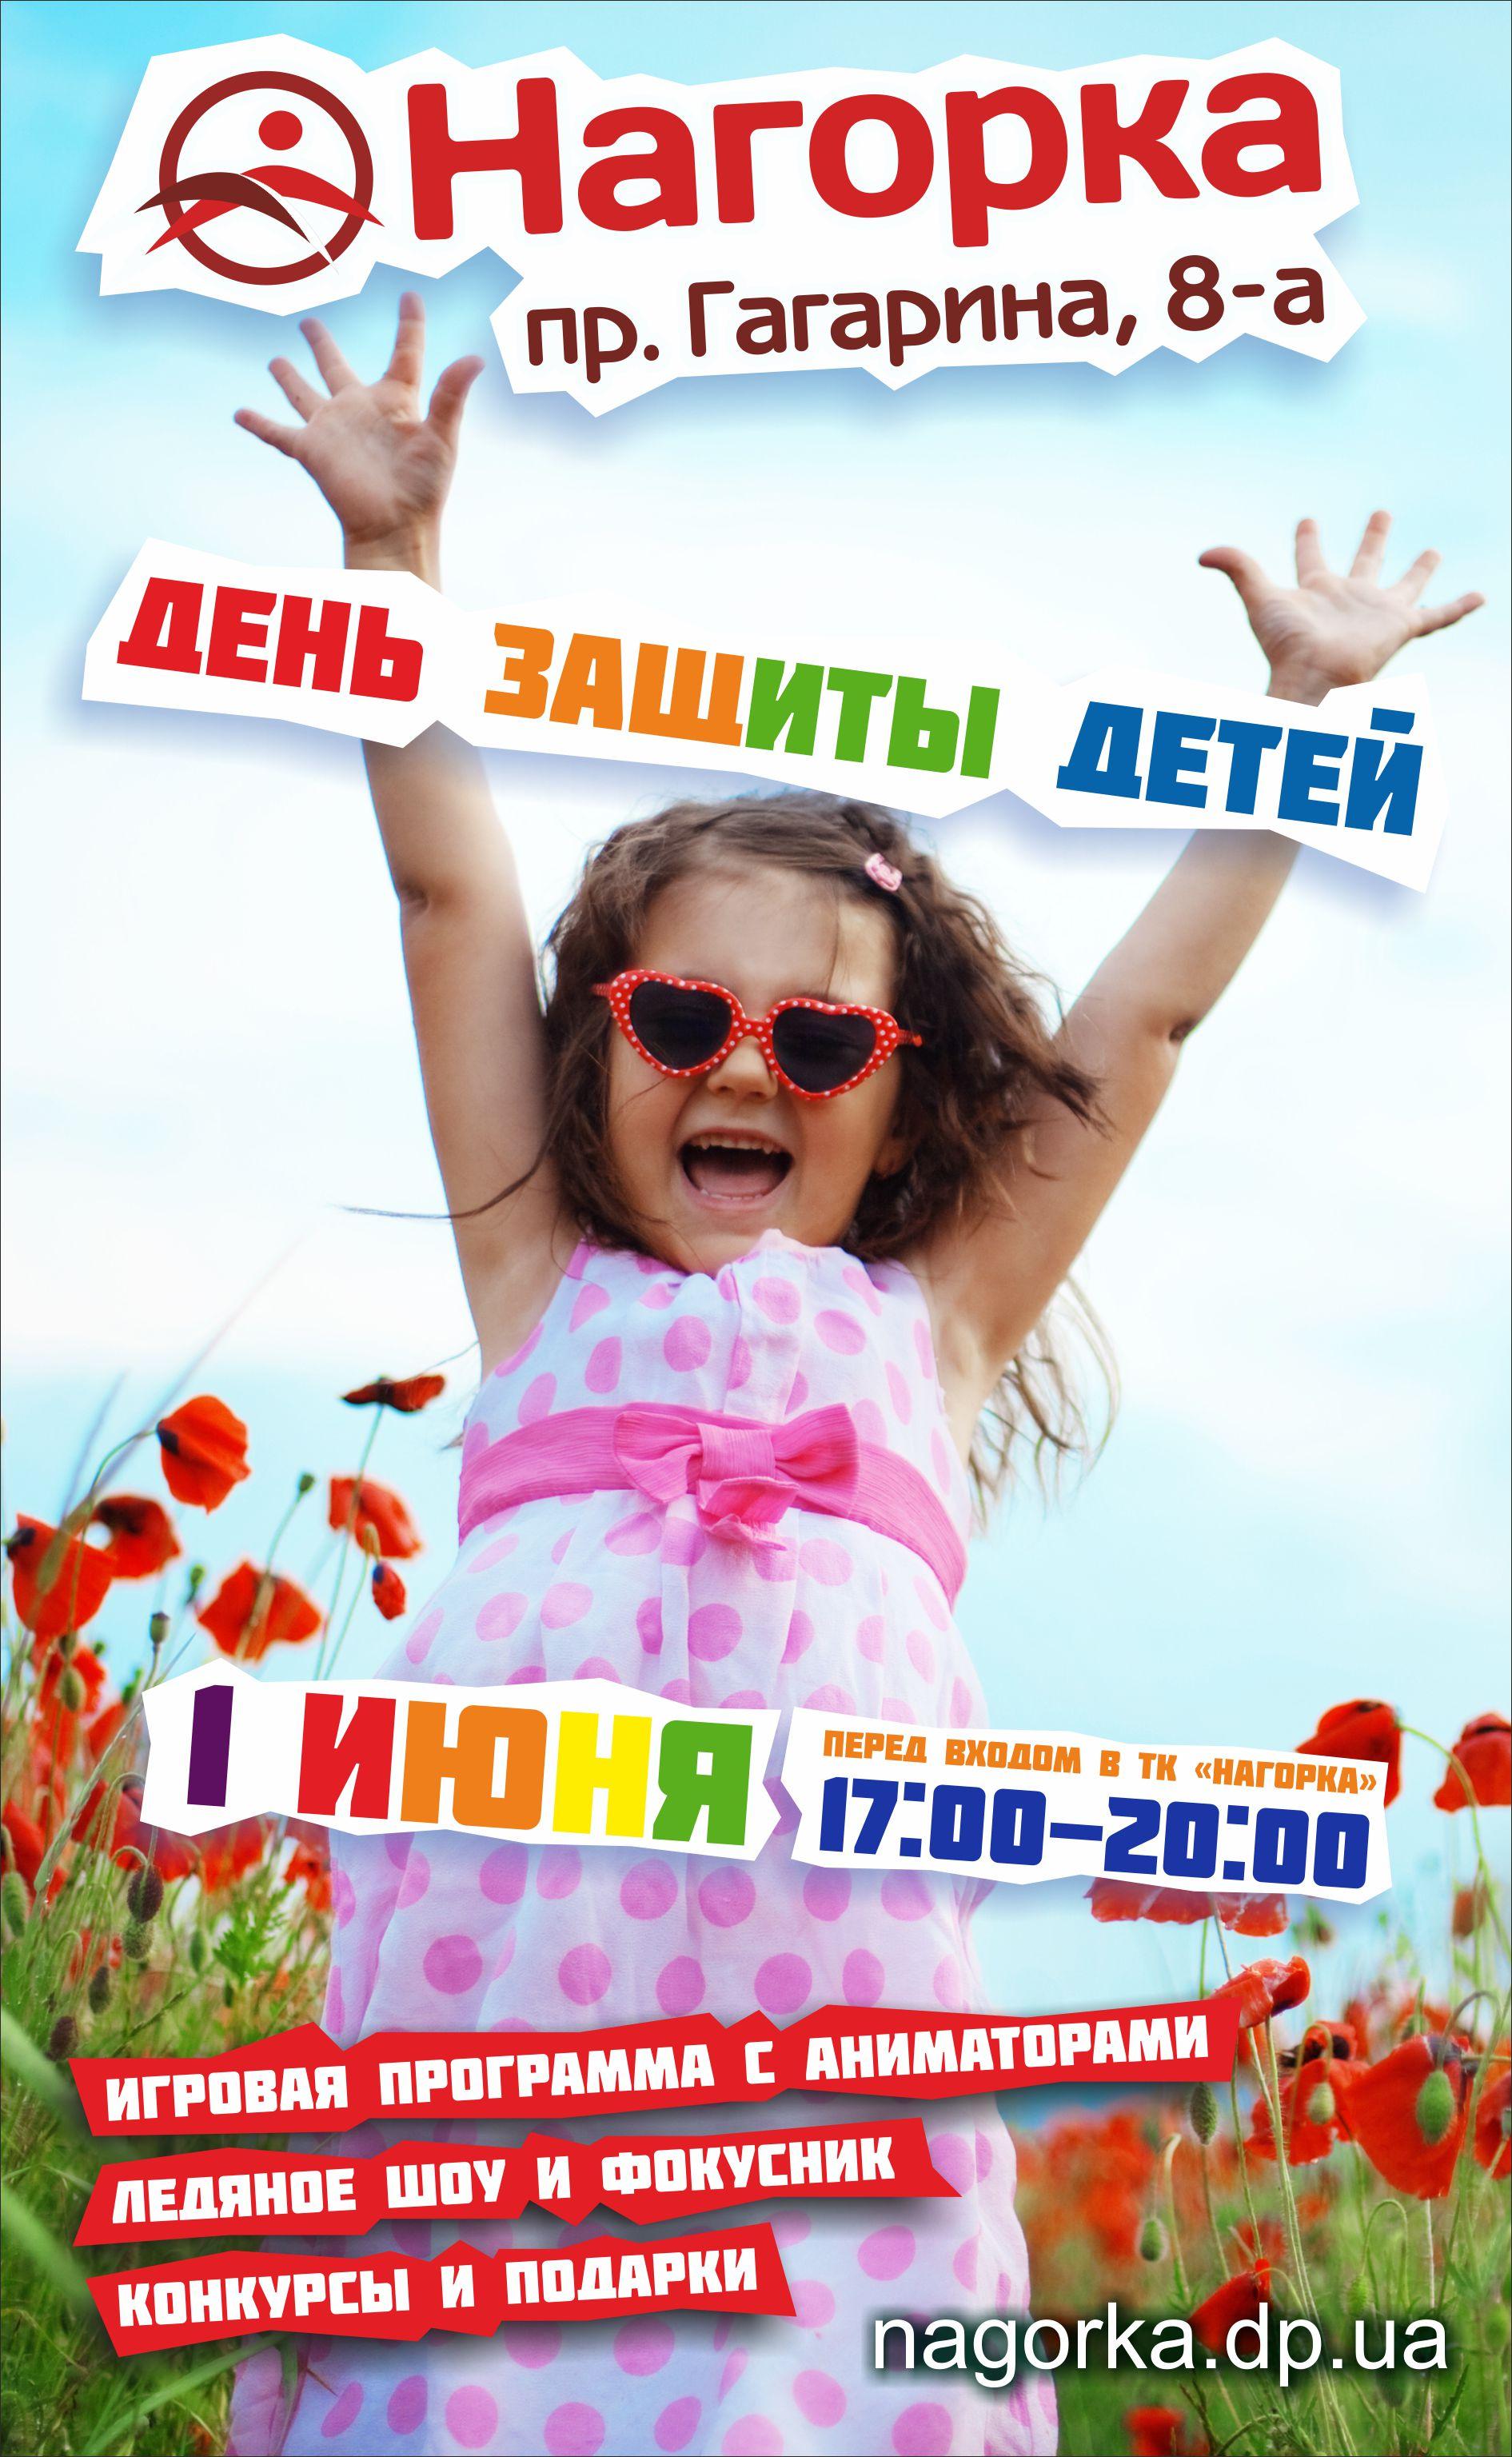 Афиша Защита Детей 3_утвержд